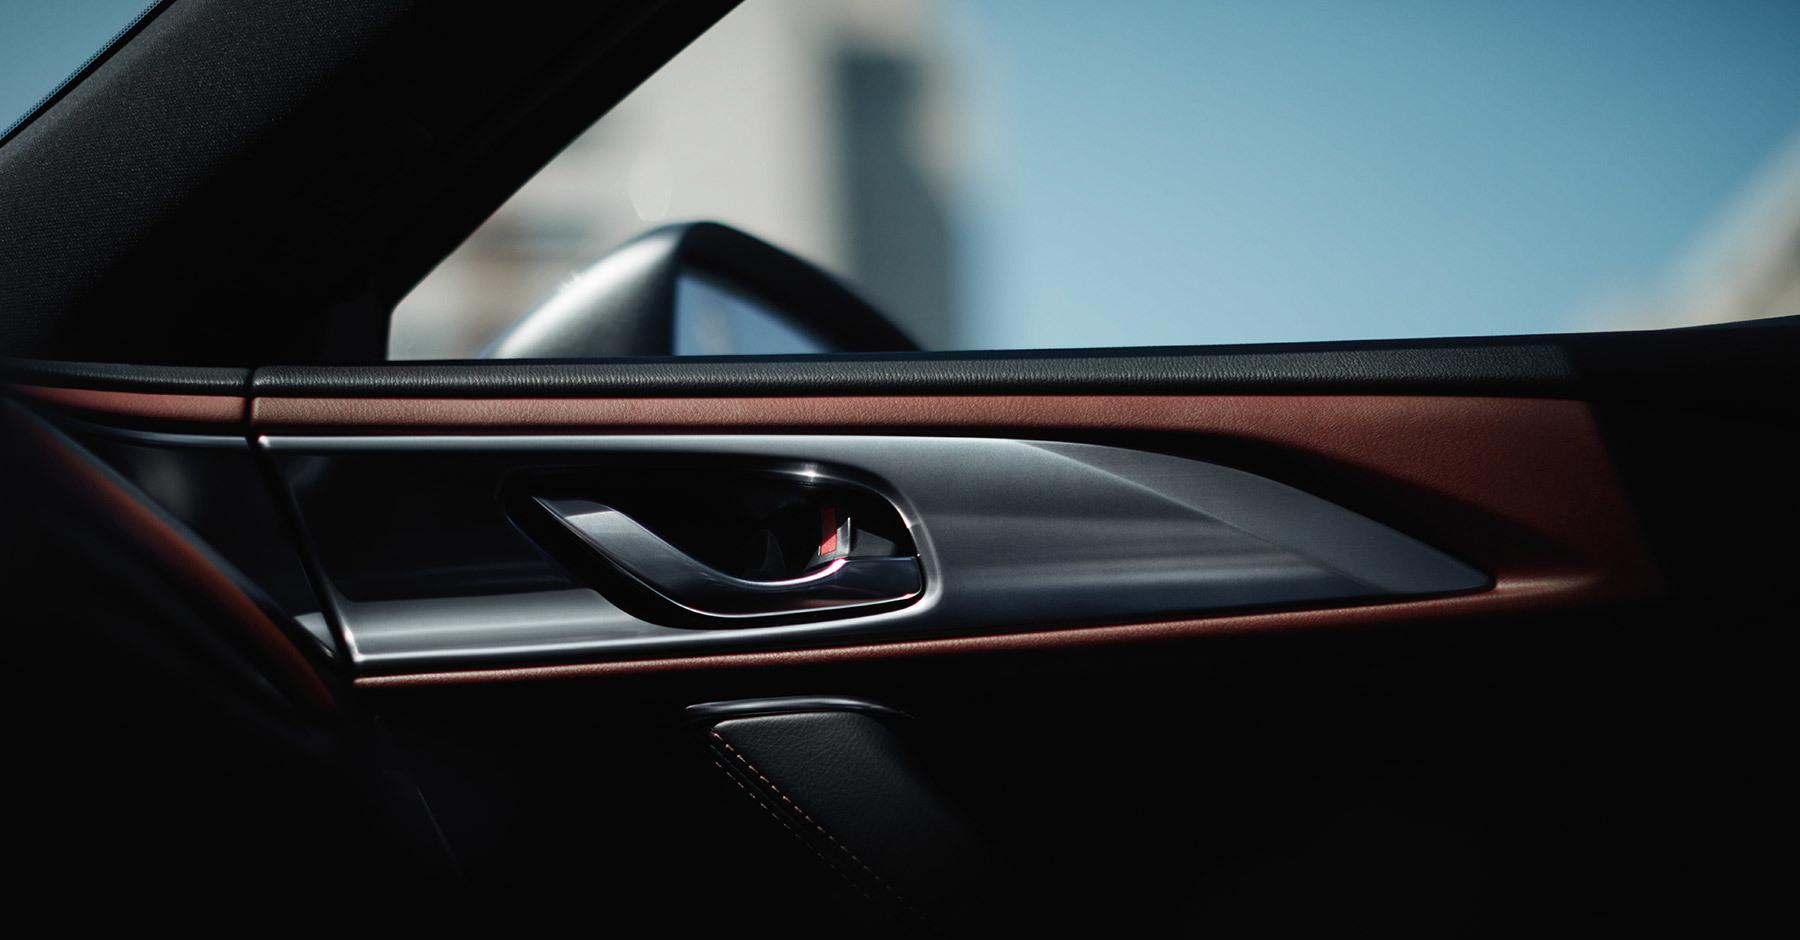 2019 Mazda CX-9 Interior Detailing